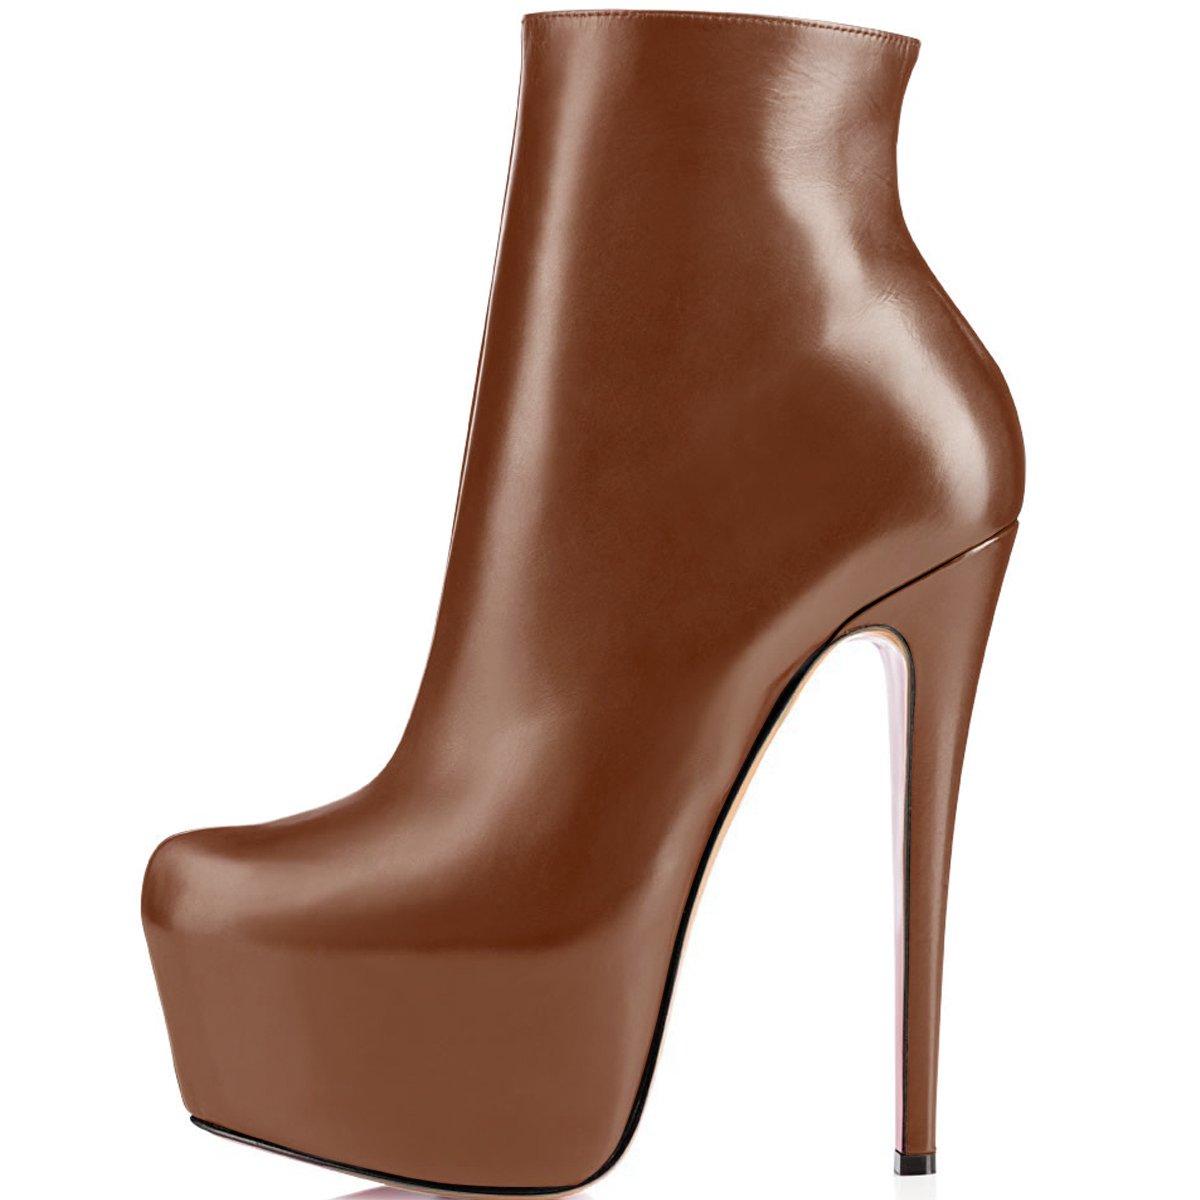 ELASHE Ankle Boots | 15cmTrendige Damen Stiefeletten | Plateau Stiefel mit Absatz40 EU|Braun